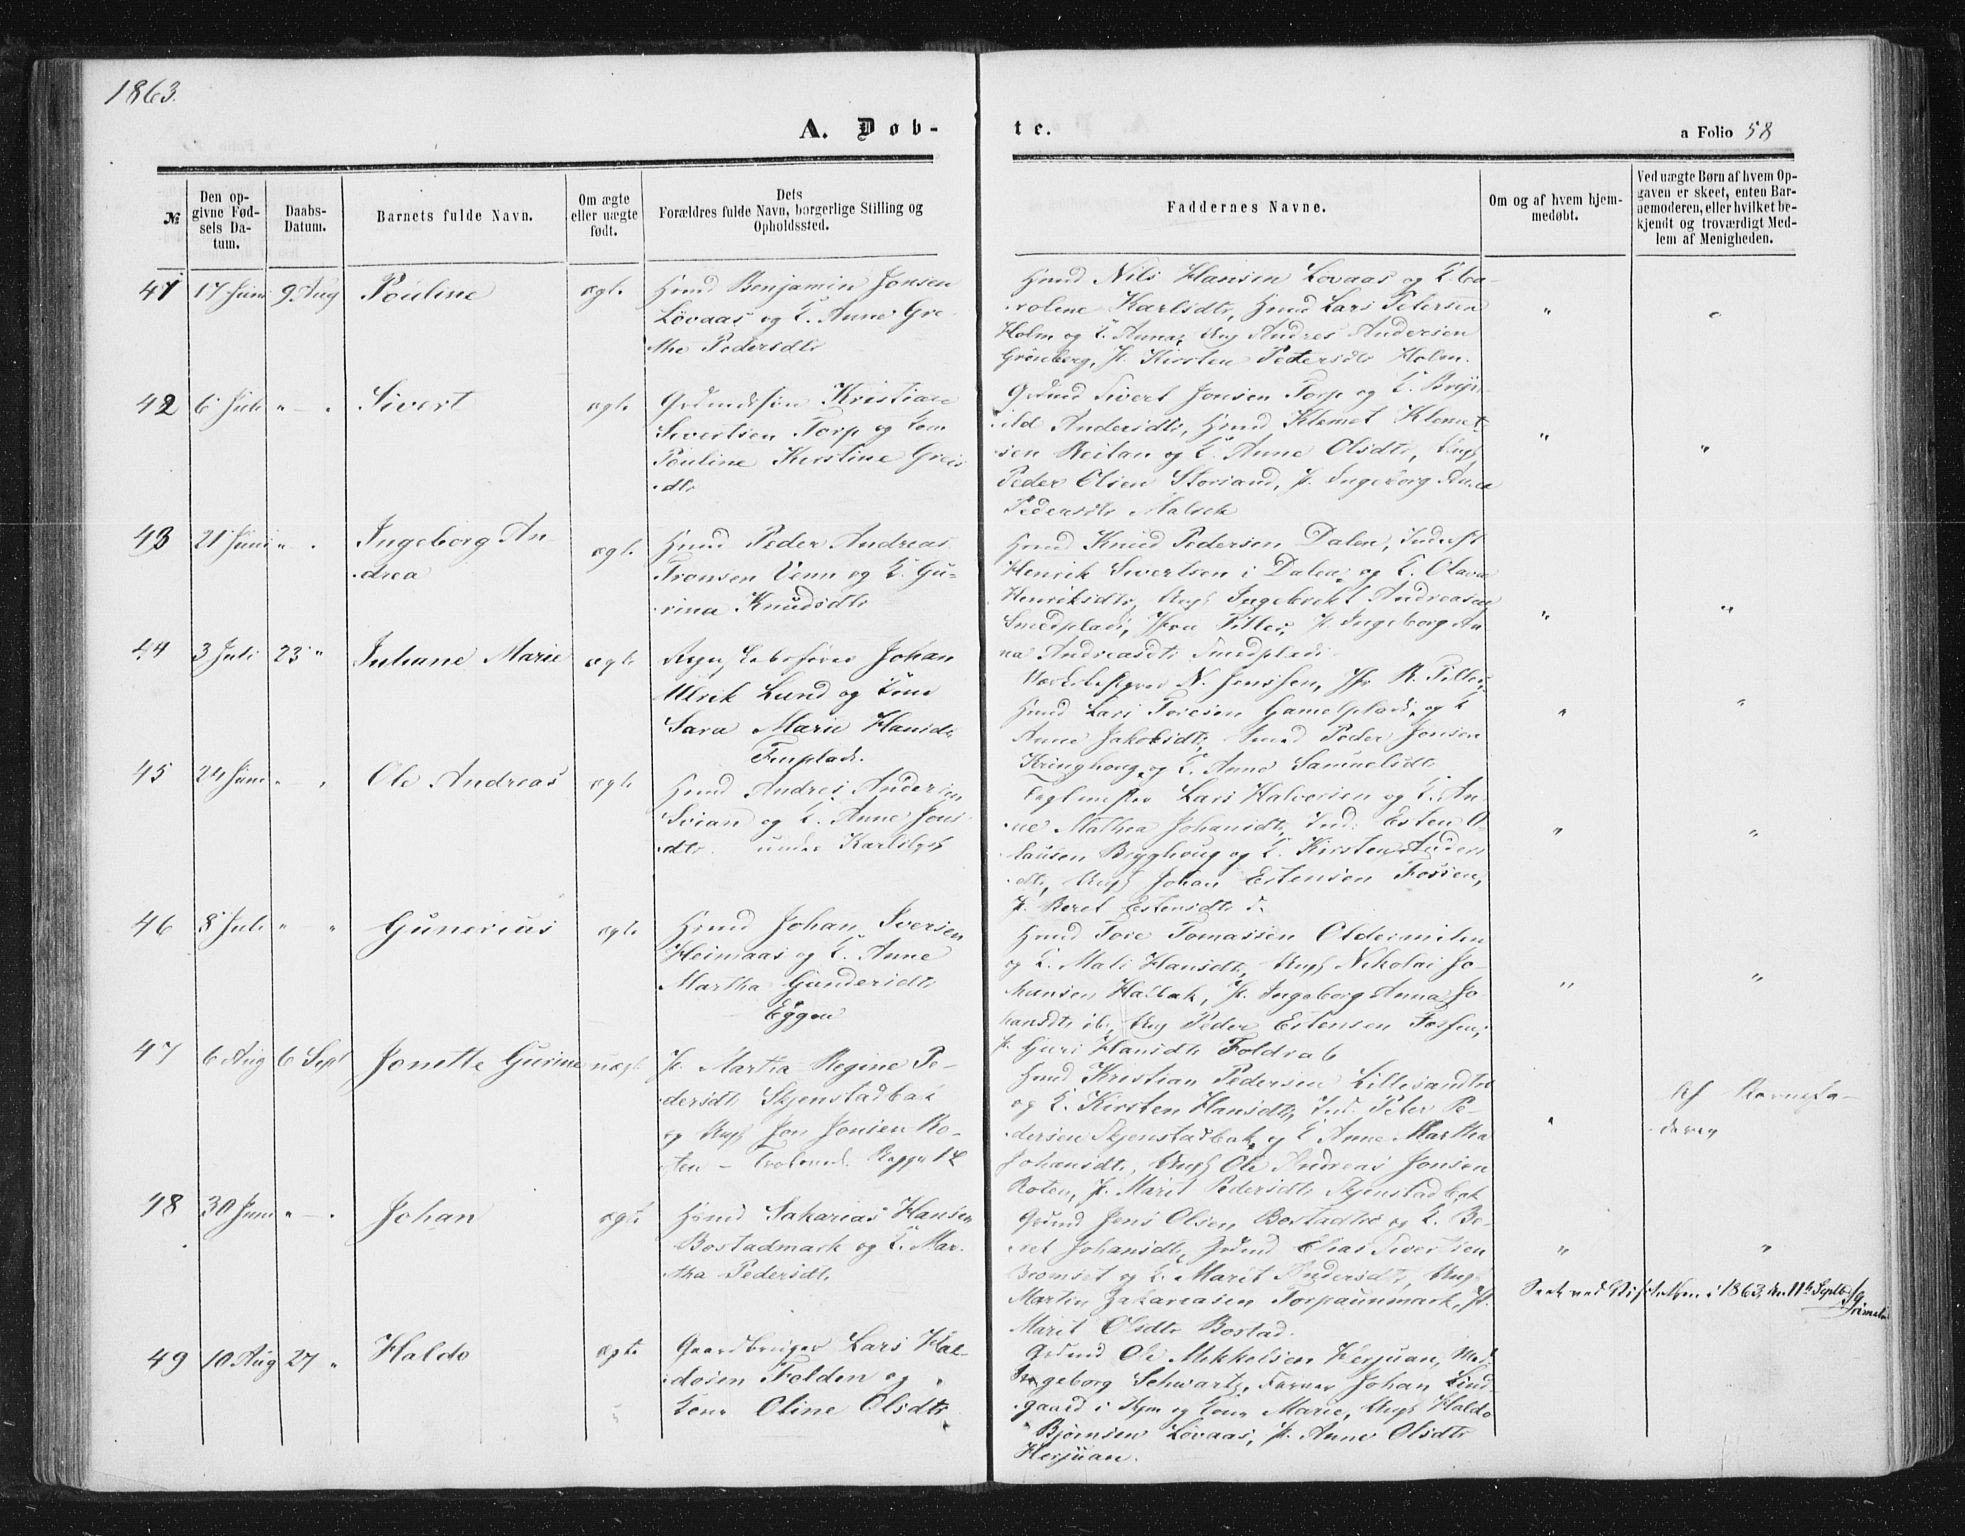 SAT, Ministerialprotokoller, klokkerbøker og fødselsregistre - Sør-Trøndelag, 616/L0408: Ministerialbok nr. 616A05, 1857-1865, s. 58